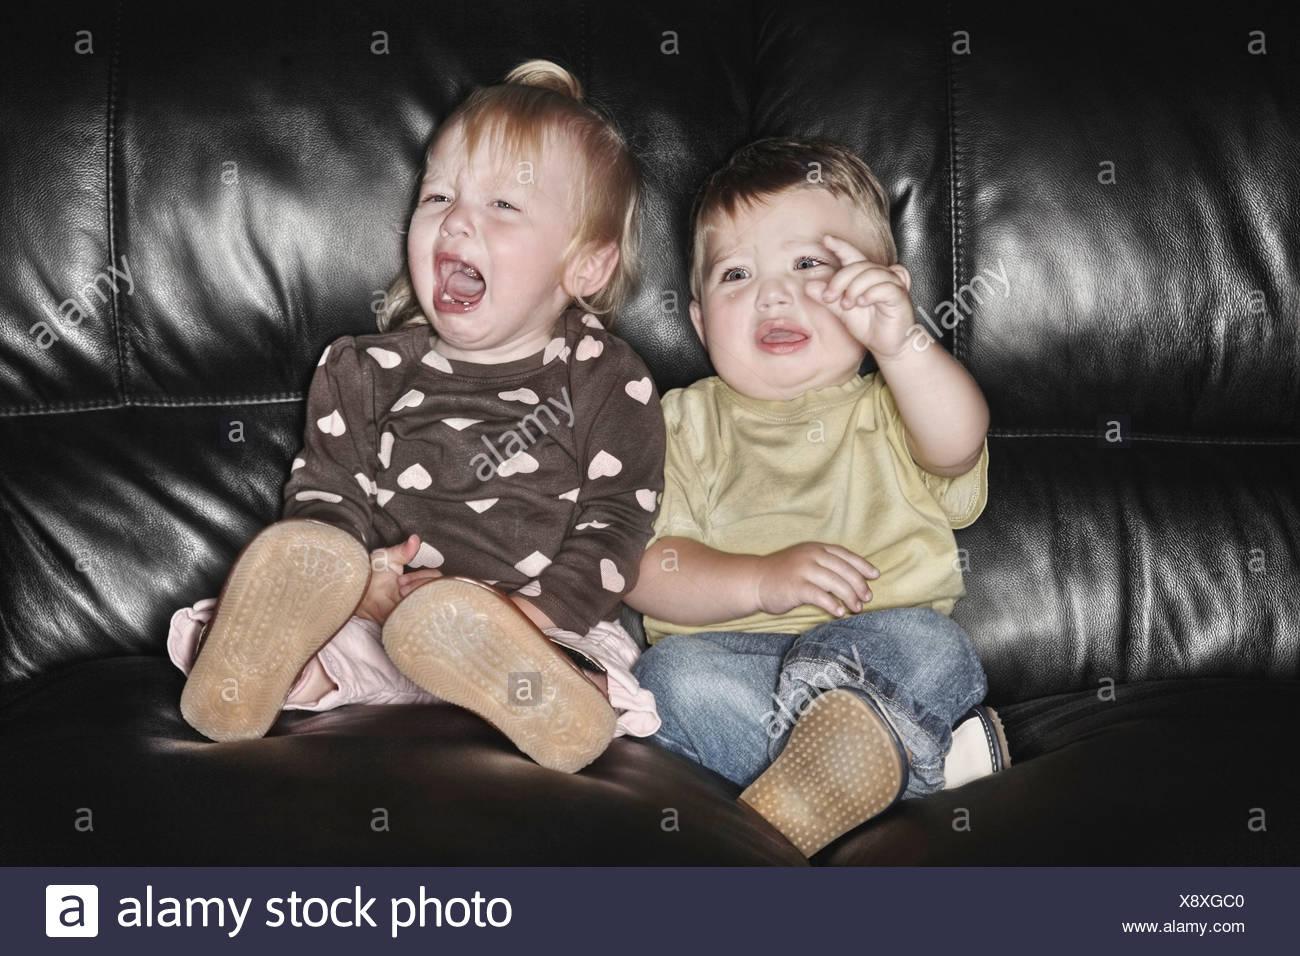 Edmonton, Alberta, Canadá; dos niños sentados en el sofá y llorando juntos Foto de stock